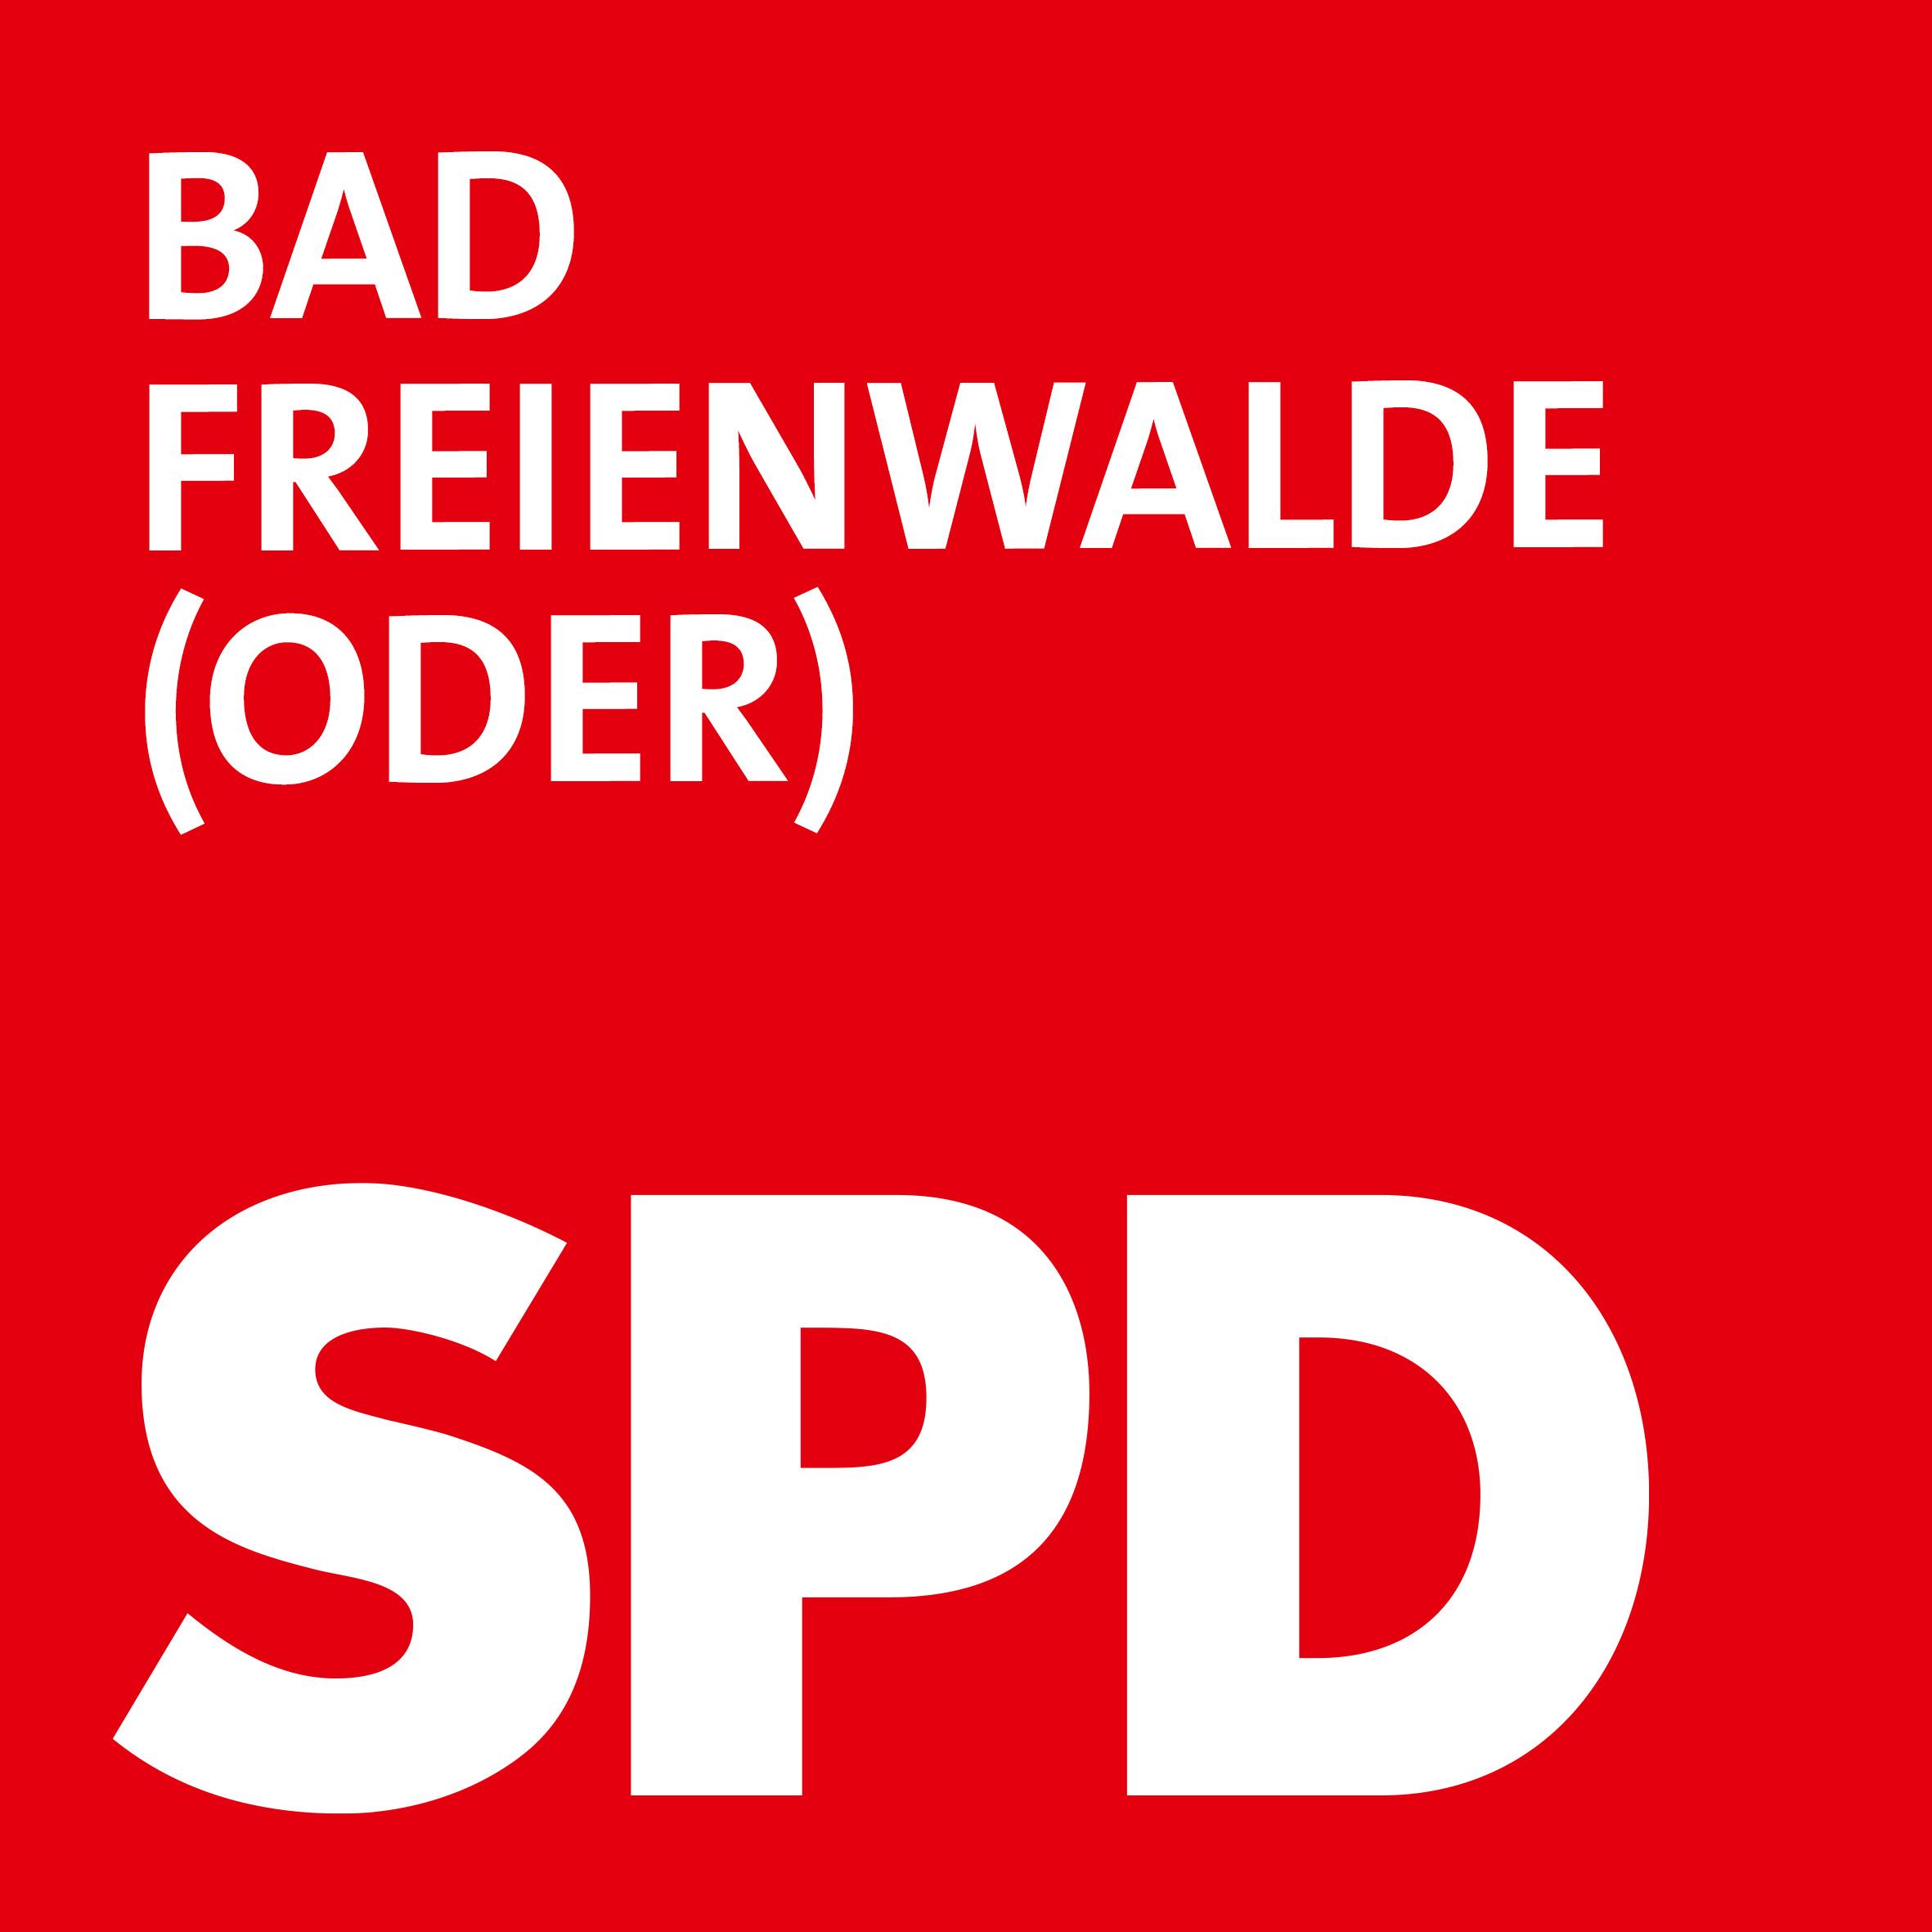 SPD Bad Freienwalde (Oder)